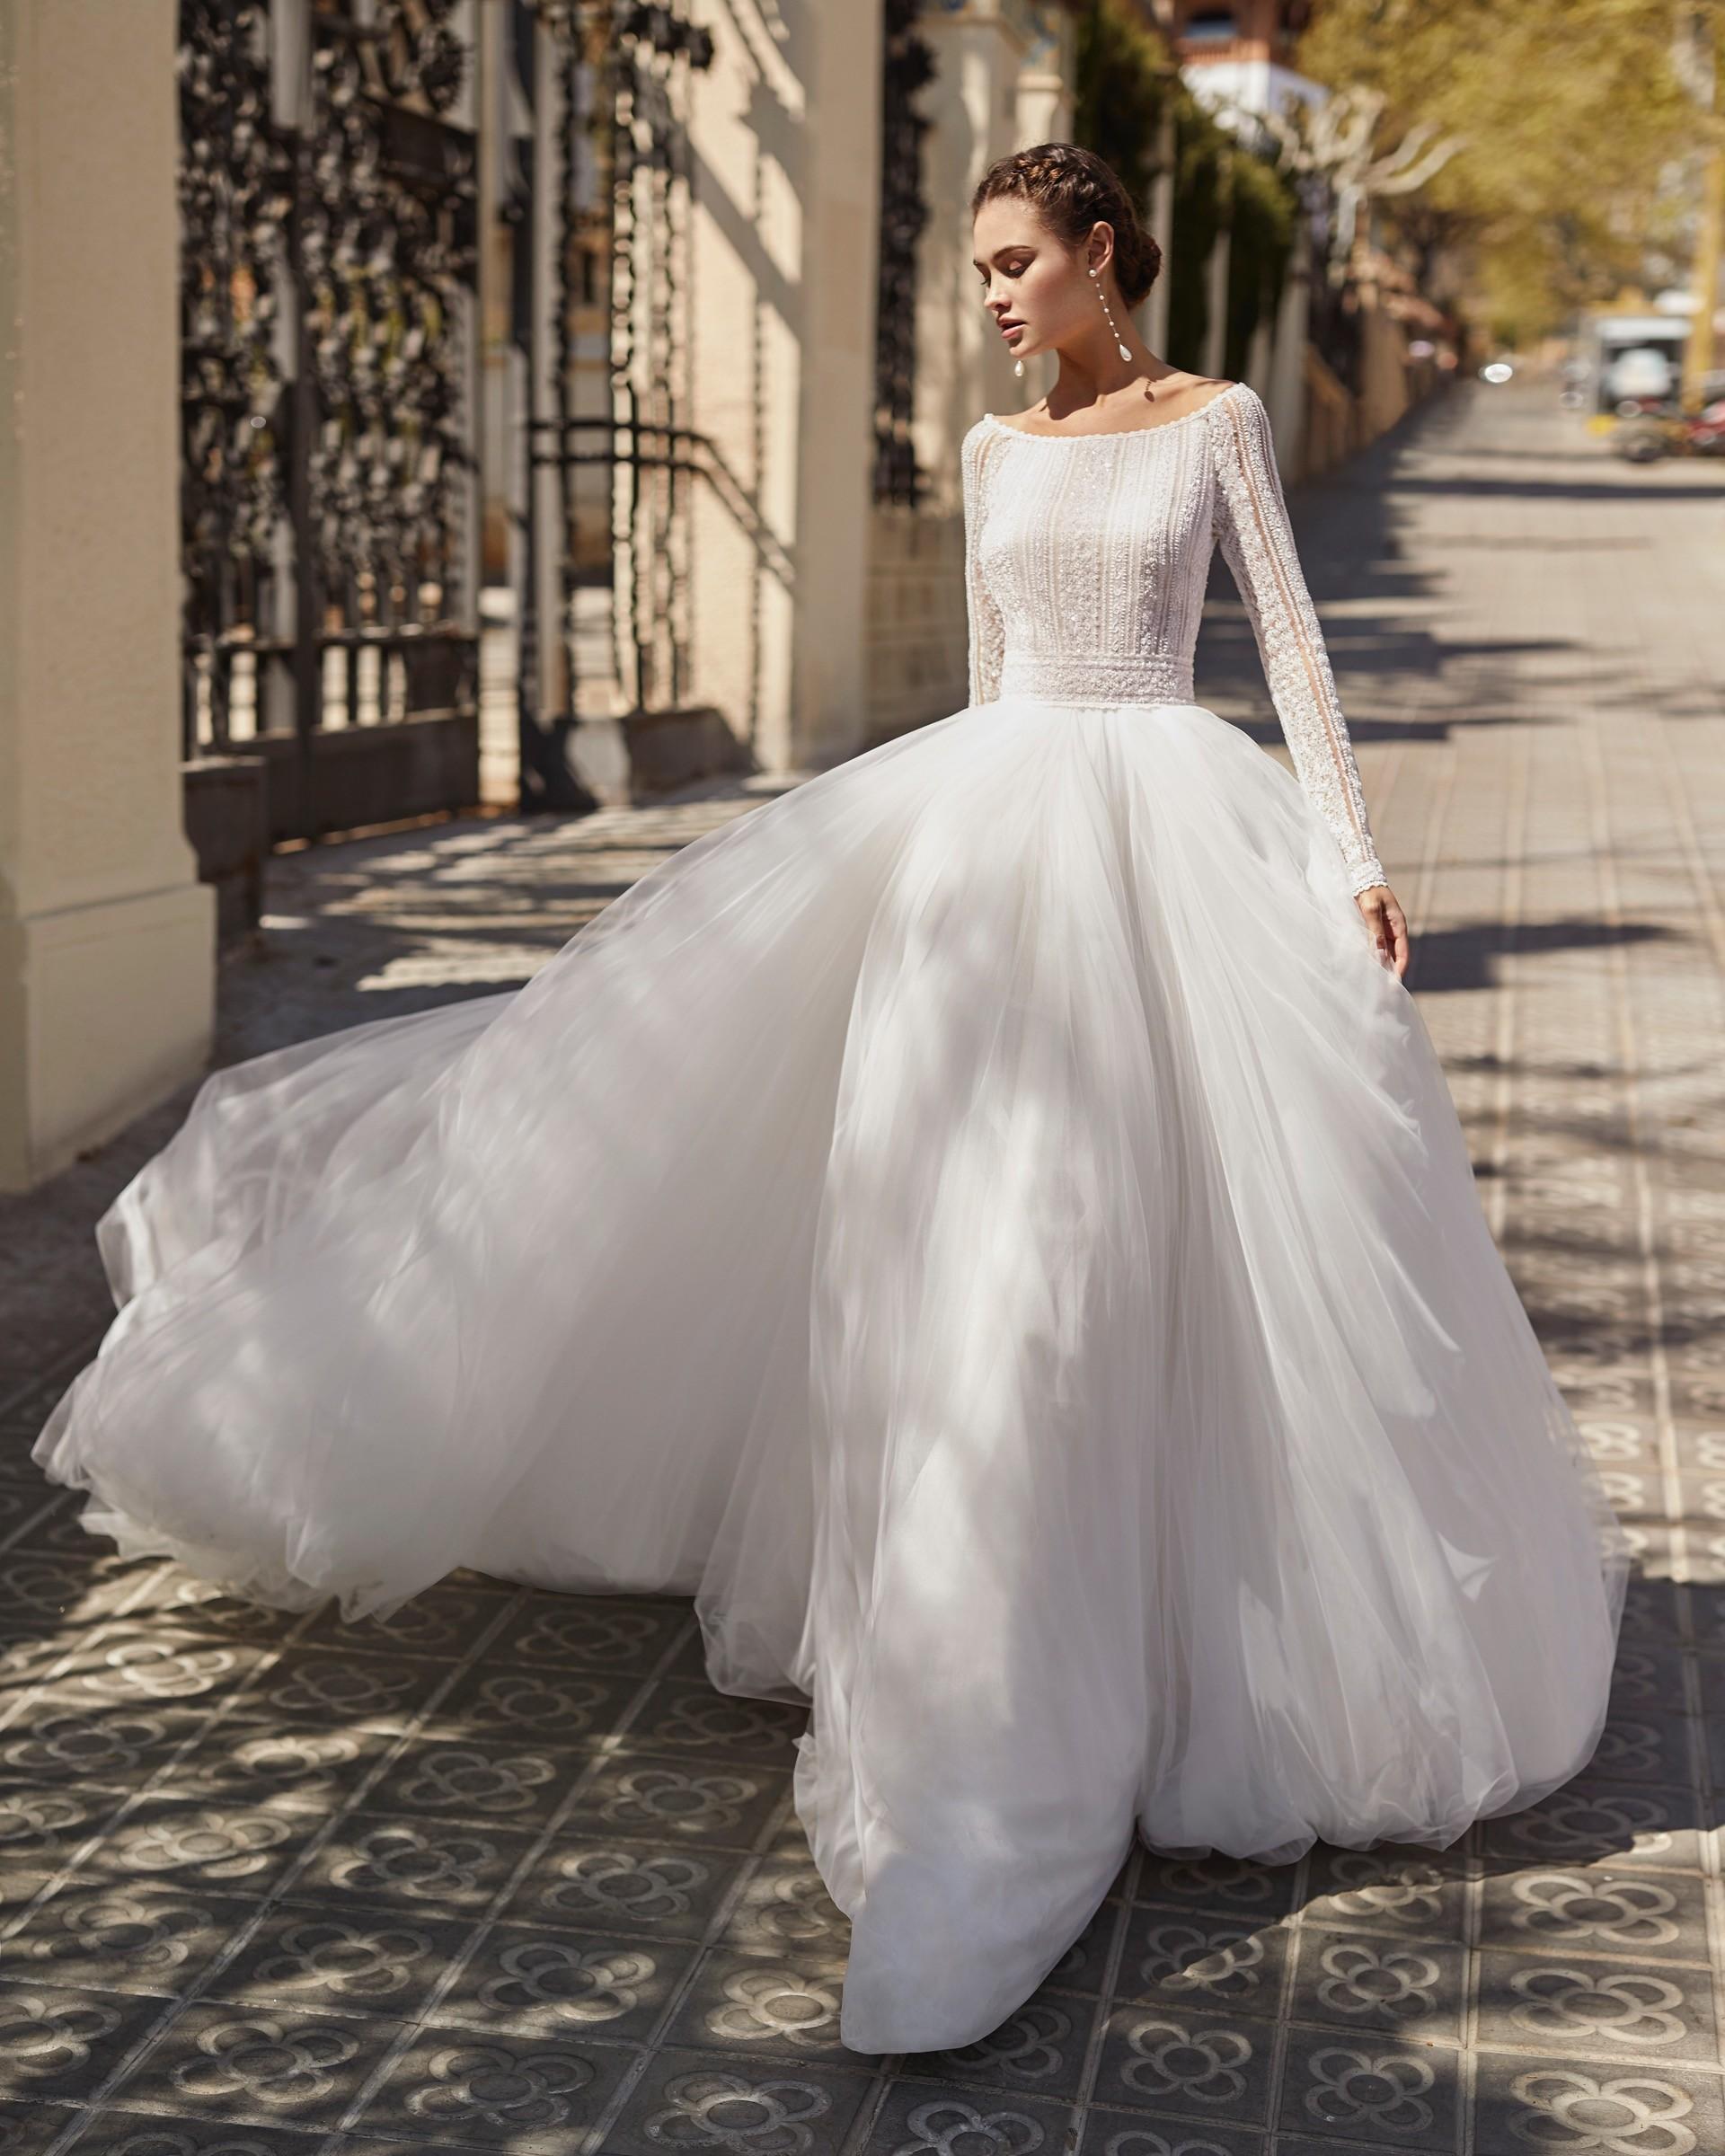 Brautkleider 17 I das sind die Trends der Desinger ❤️